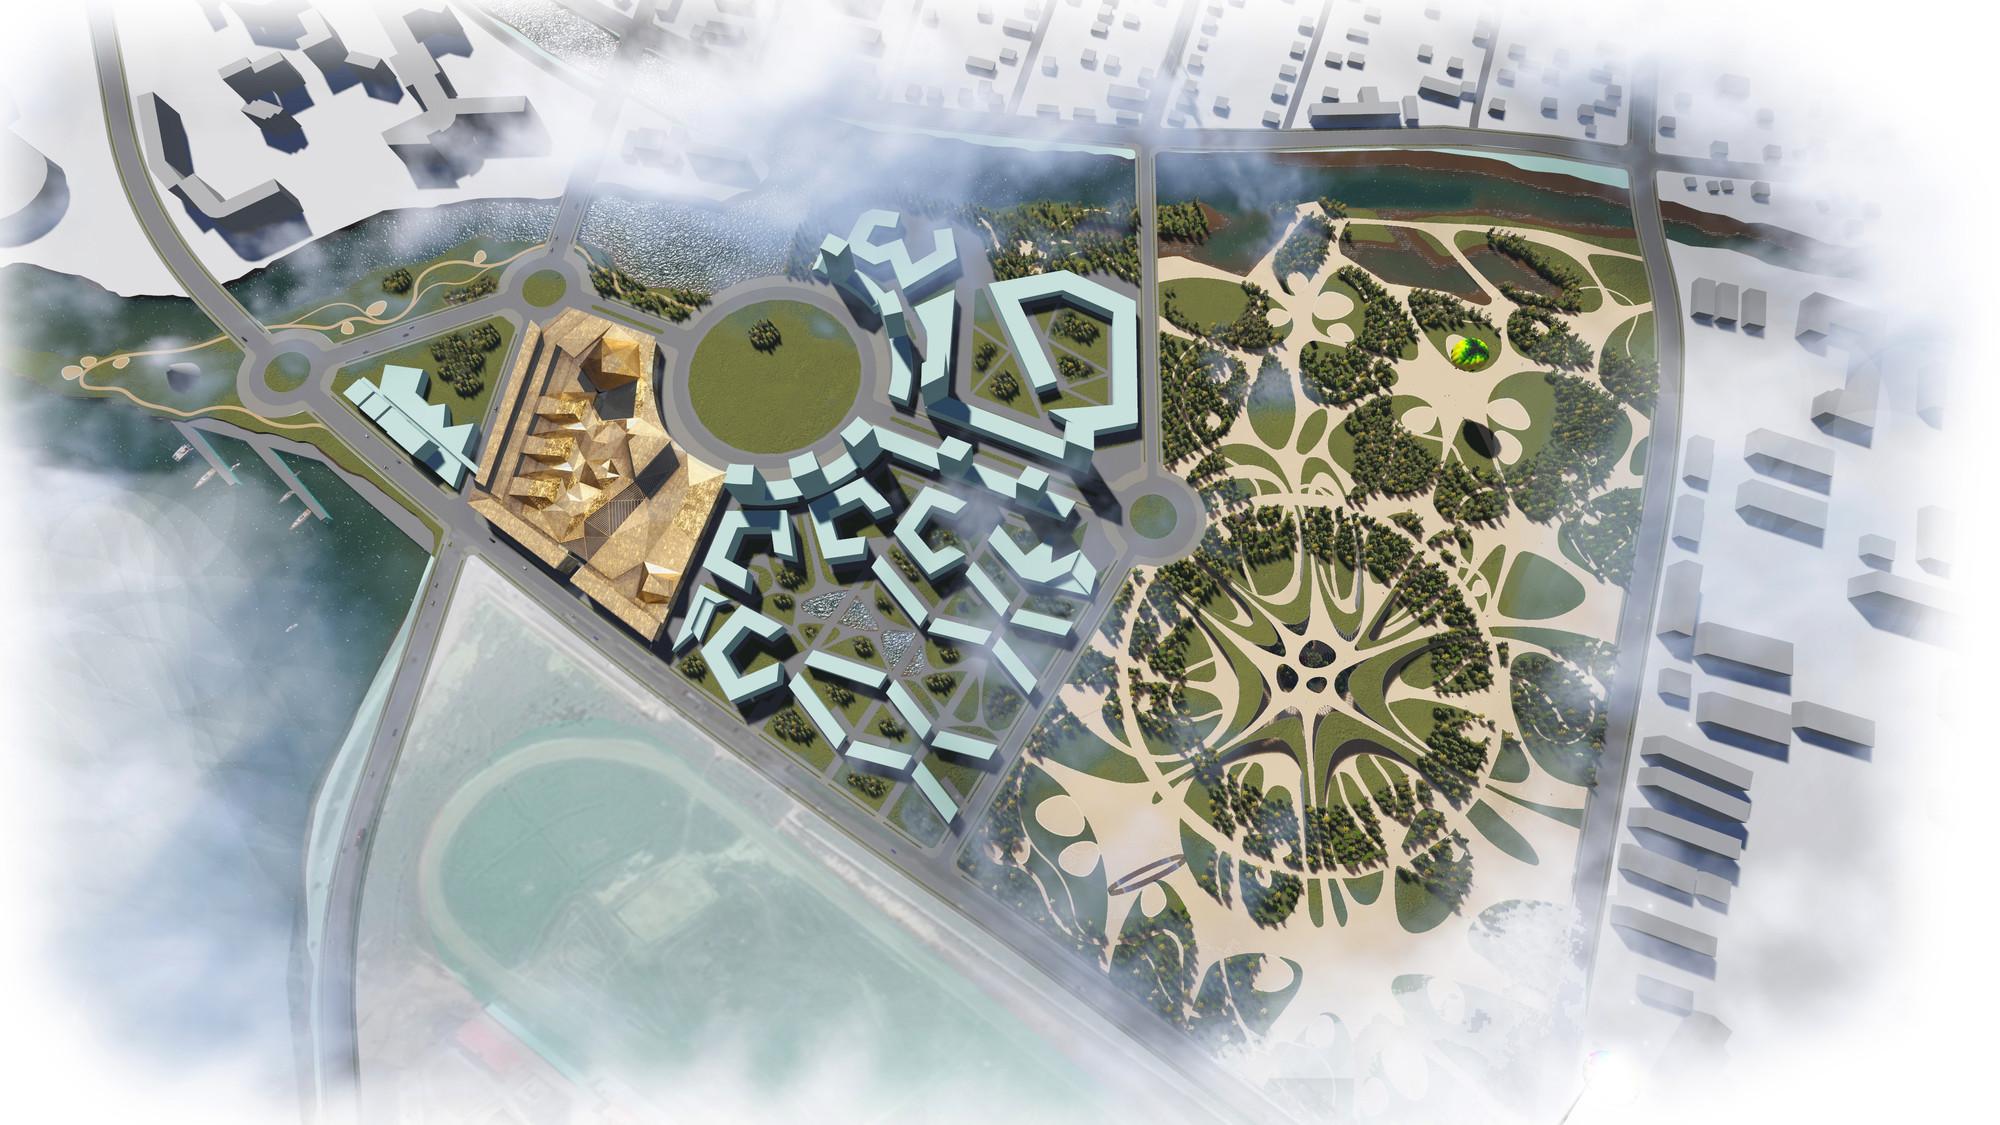 Equipo liderado por Rubio Arquitectura y Francisco Mangado recibe Best Landscaping Award en Rusia, Vista general. Image Cortesia de Rubio Arquitectura